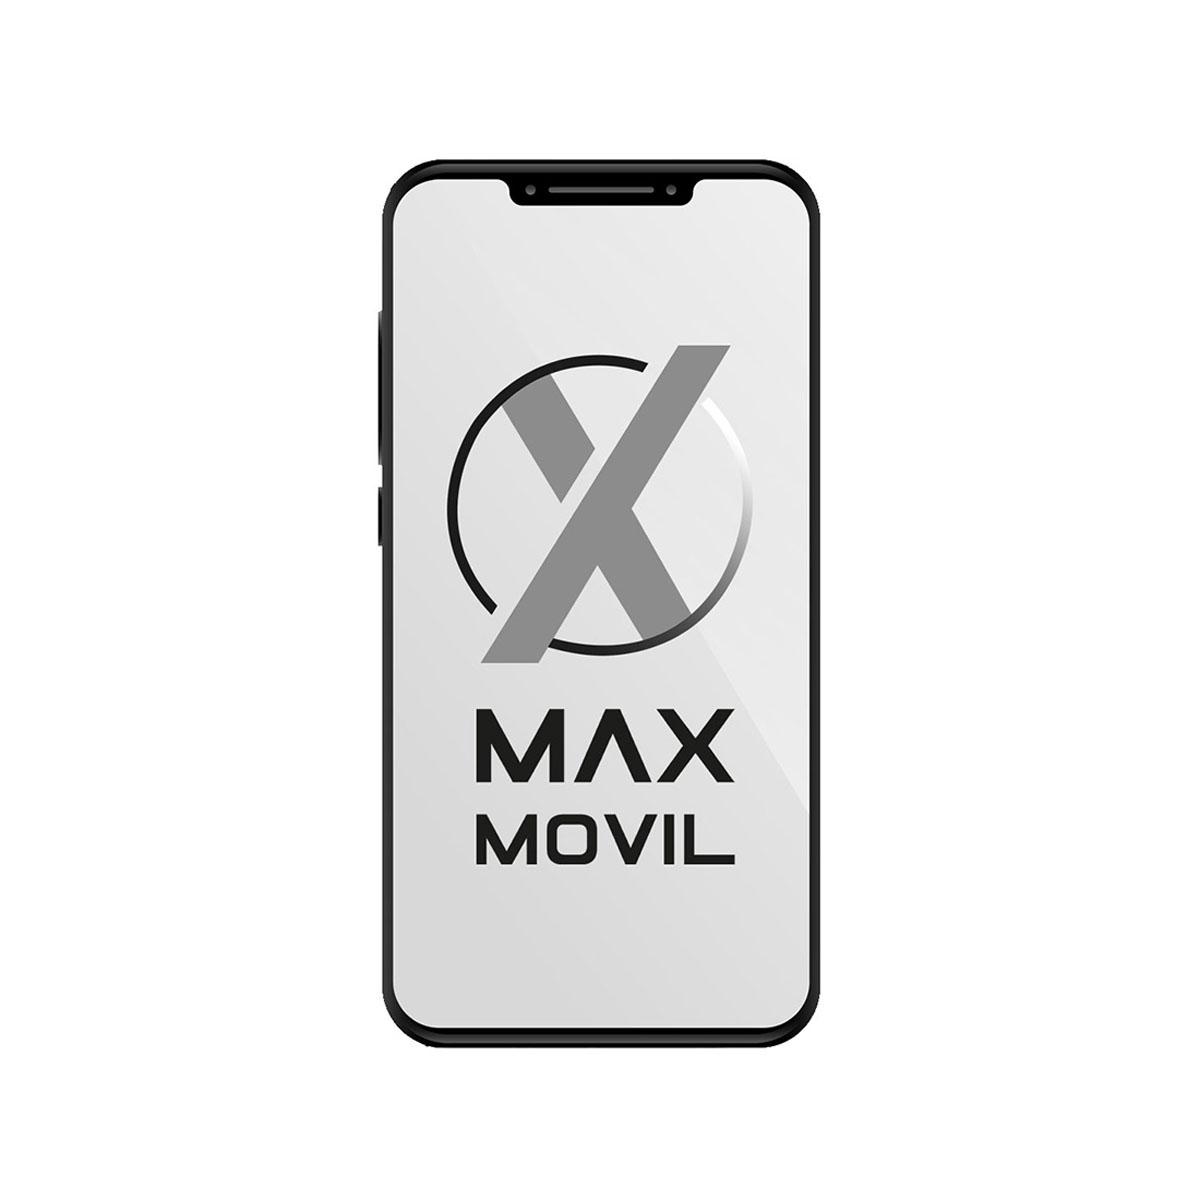 Funda móvil colgante para iPhone 11 cuerda blanca y gris